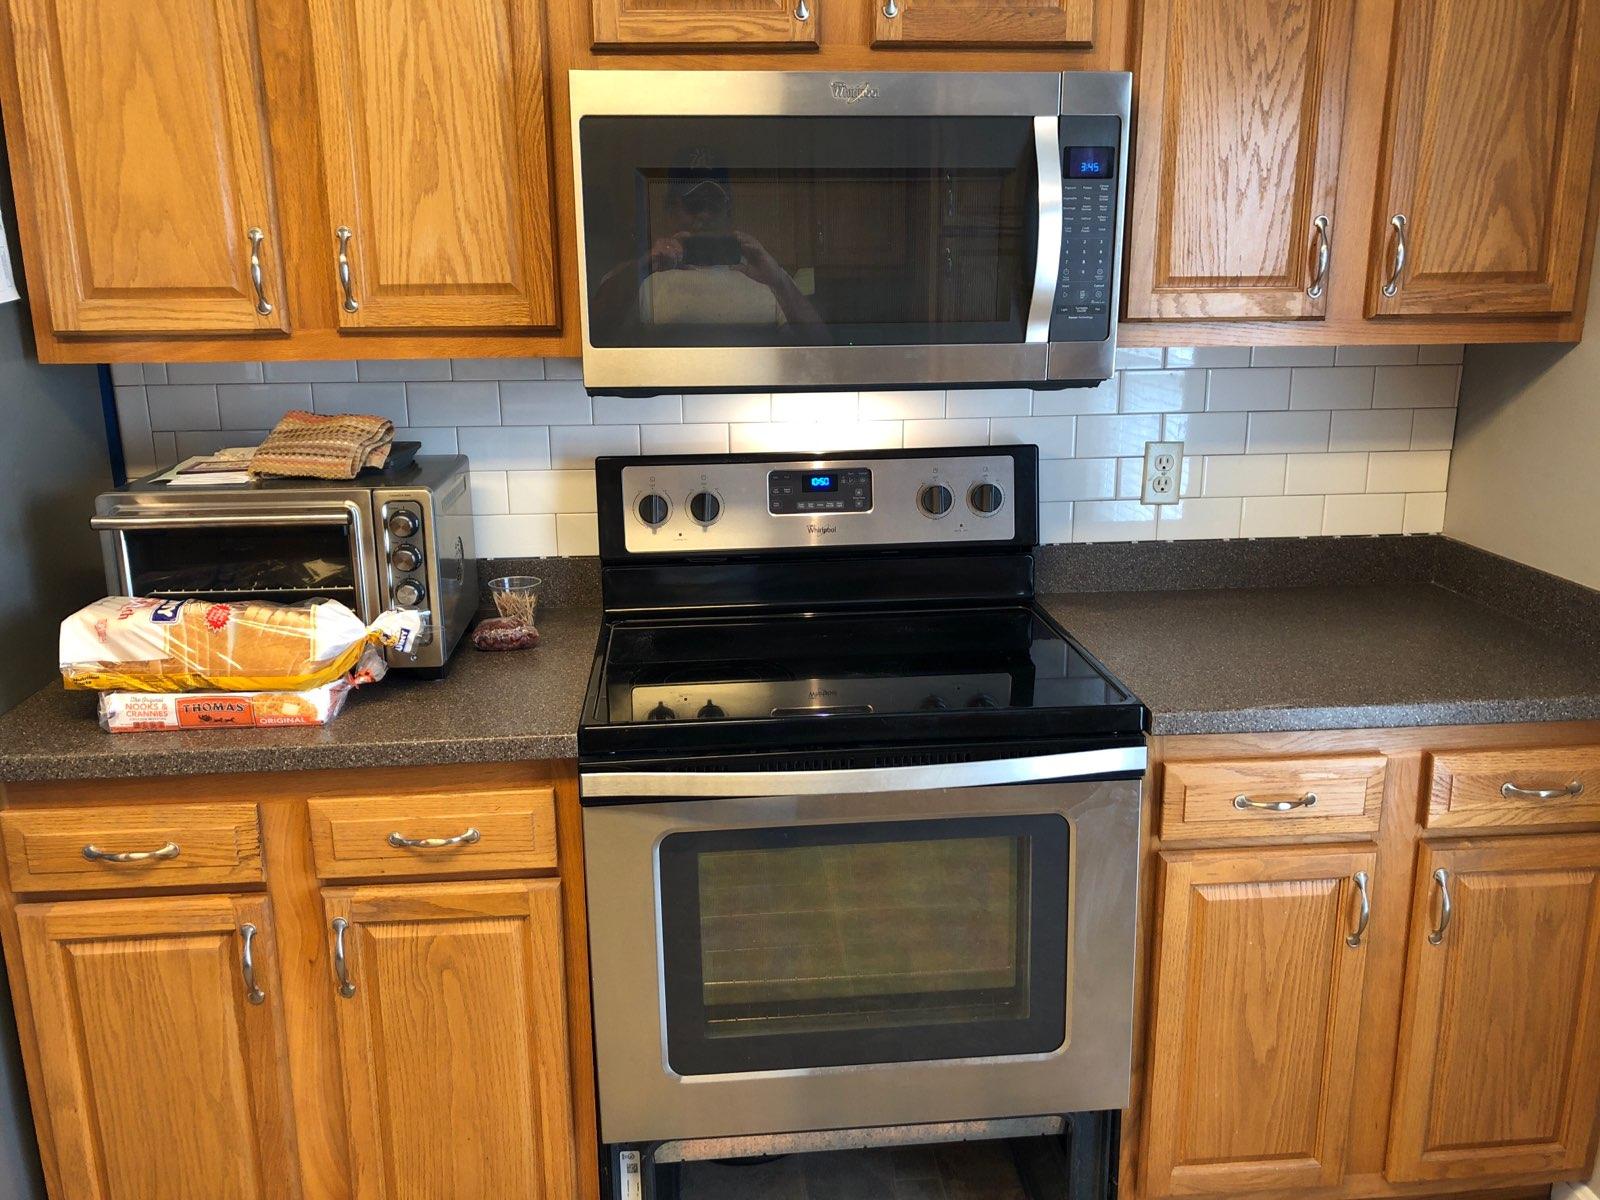 Removing and replacing kitchen backsplash-cabnet-backsplash-2.jpg